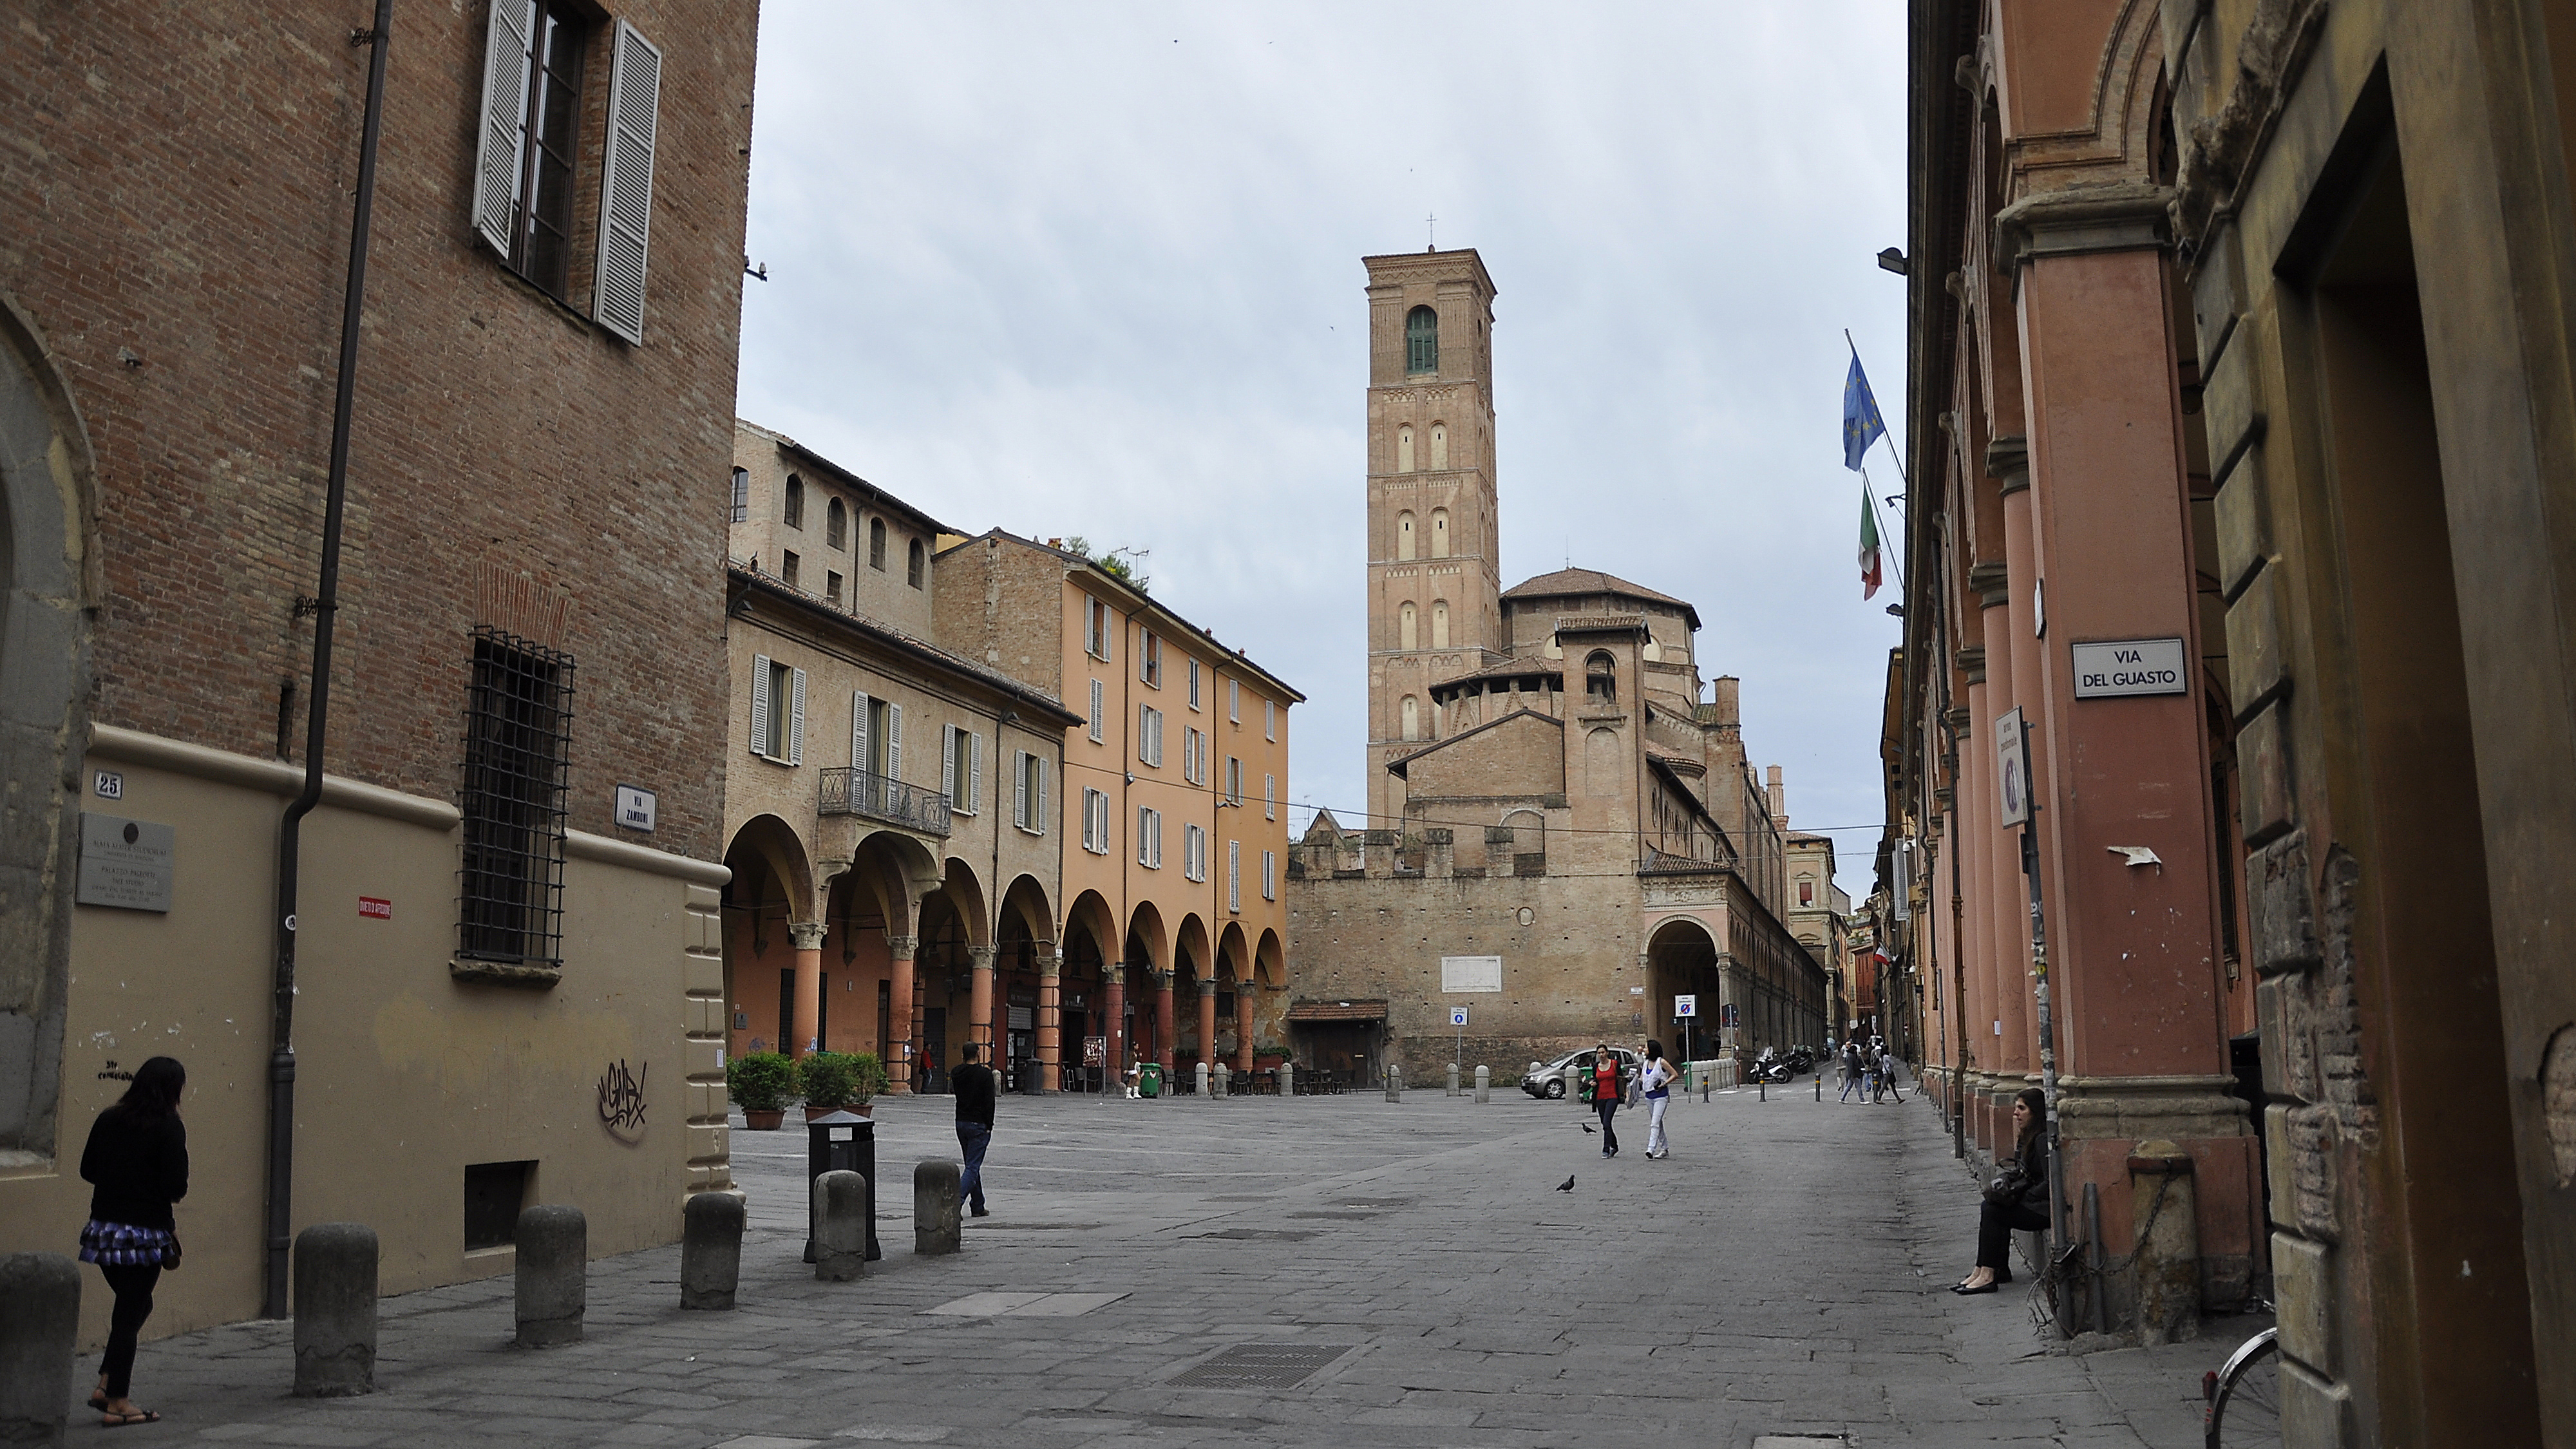 https://upload.wikimedia.org/wikipedia/commons/2/2e/Bologna_San_Giacomo_Maggiore_vanaf_Piazza_Giuseppe_Verdi_29-04-2012_10-52-37.jpg